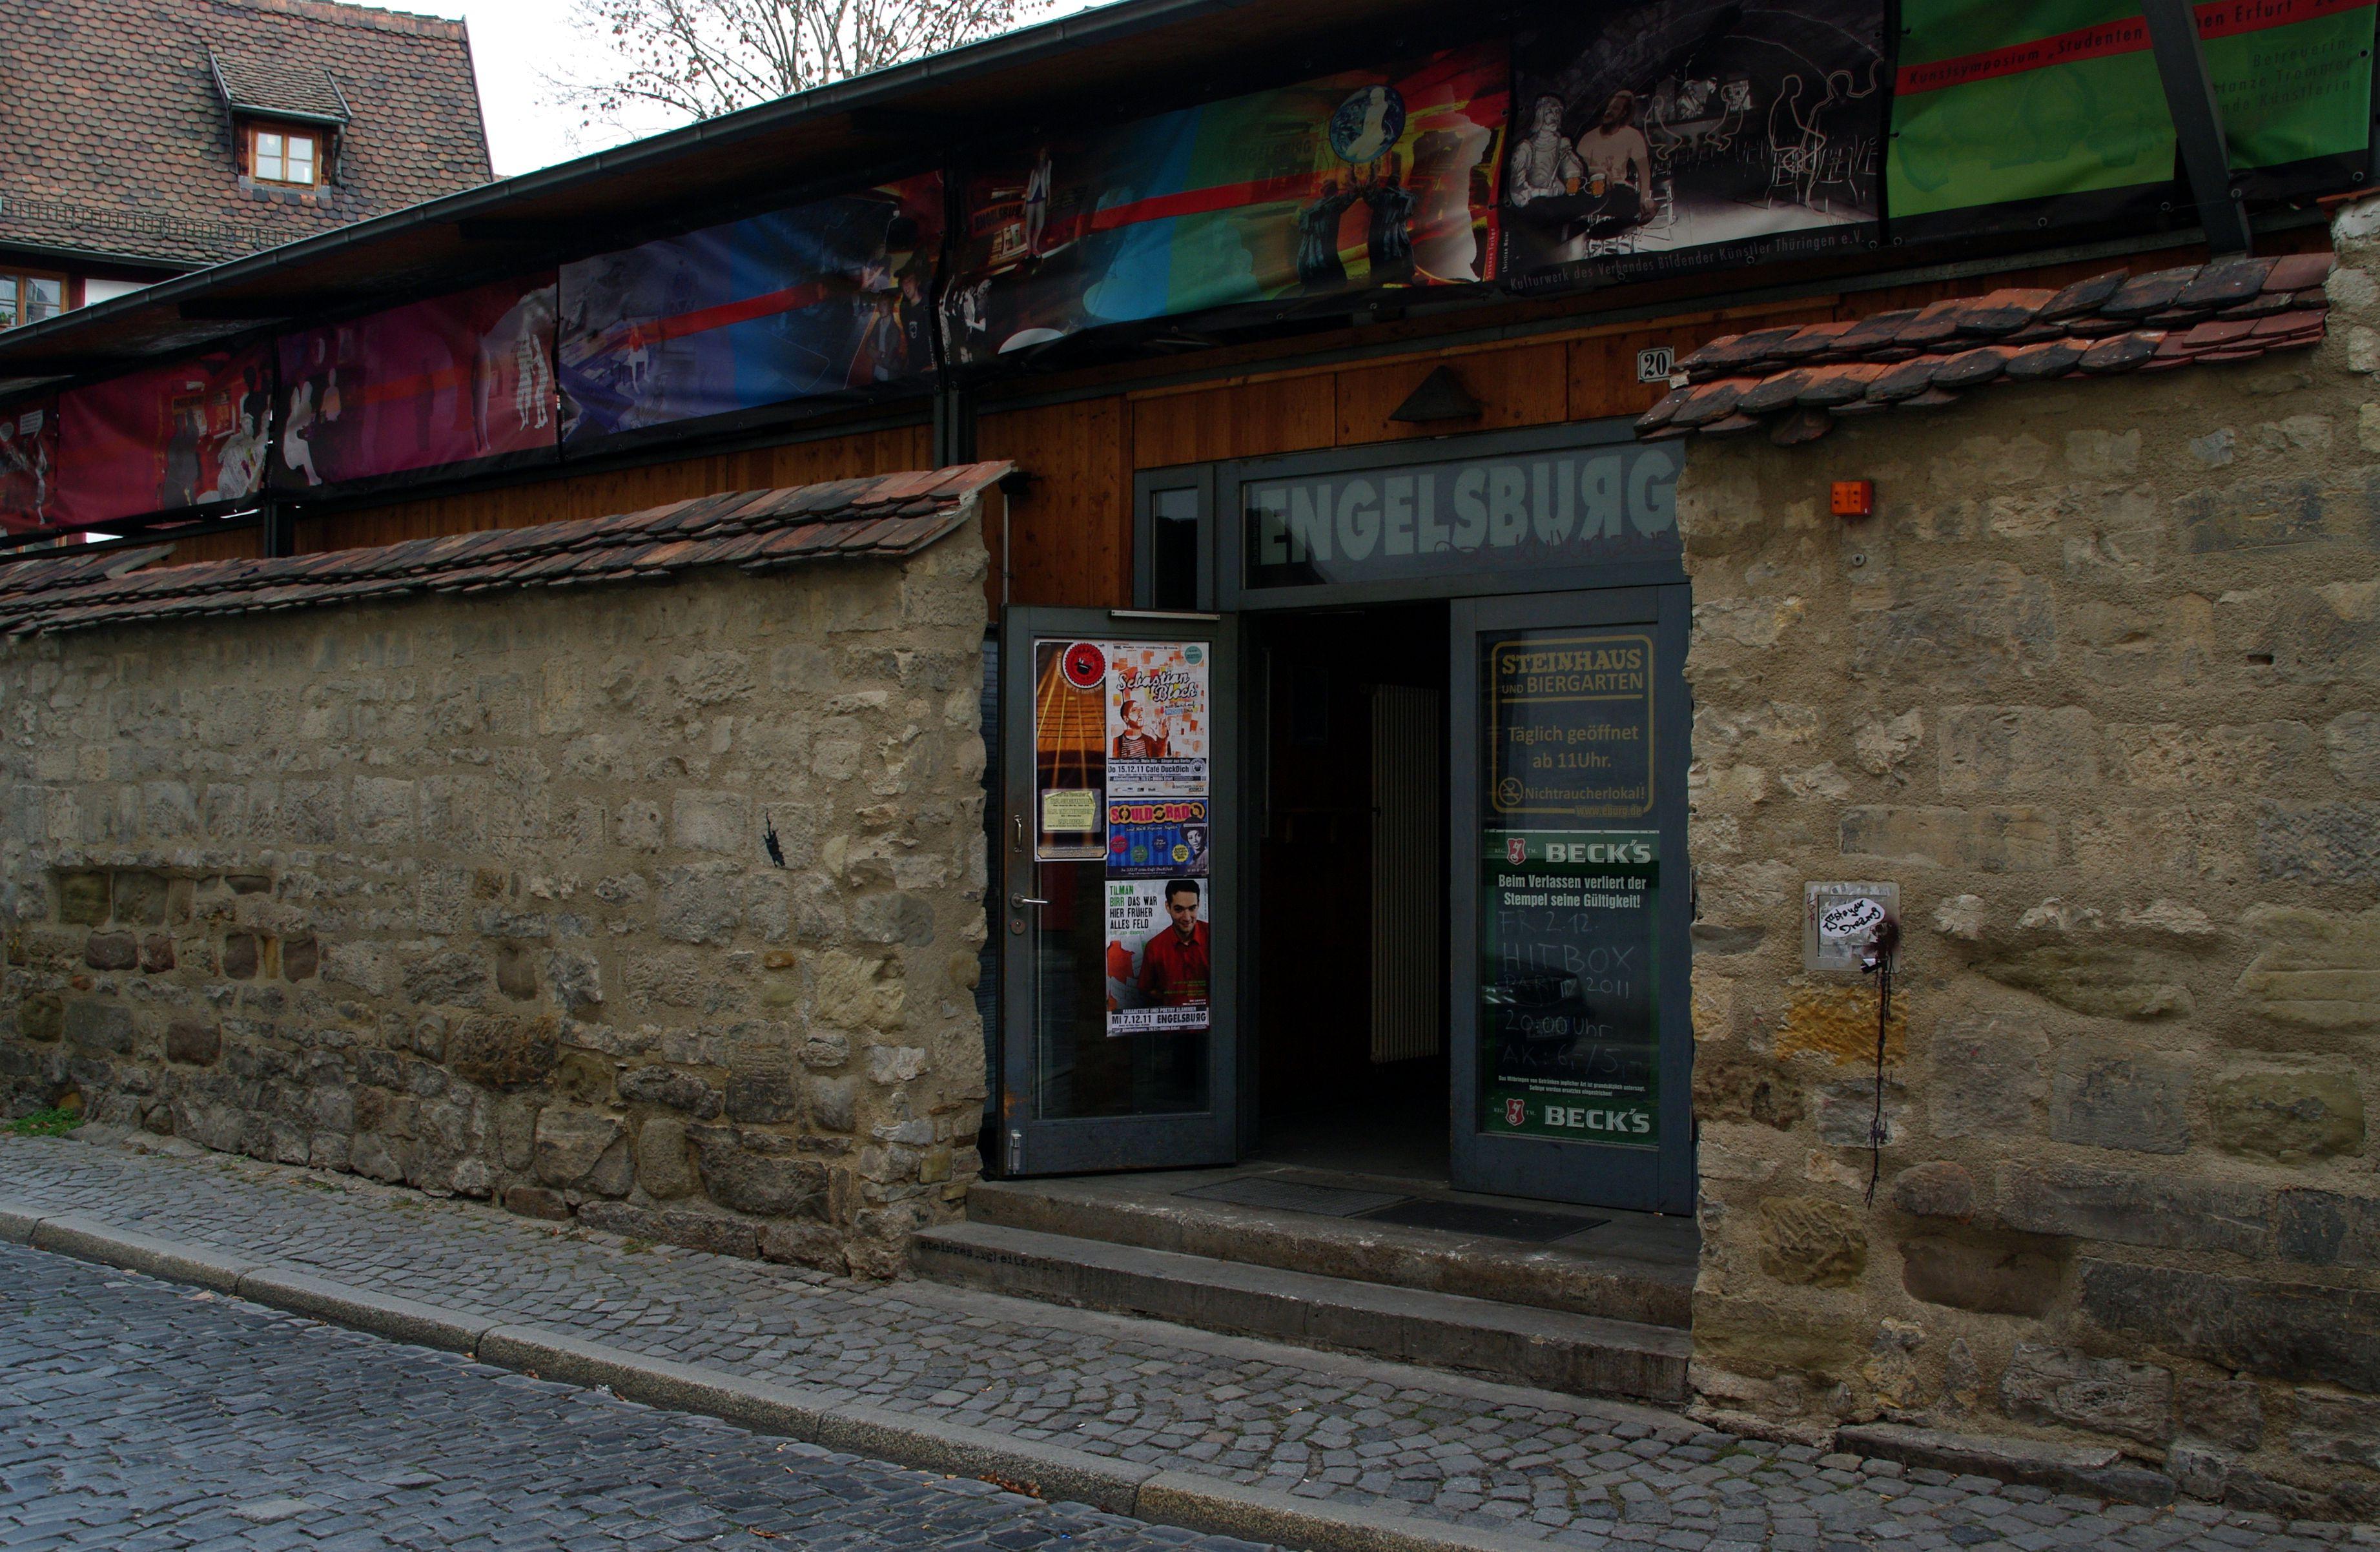 Engelsburg Erfurt